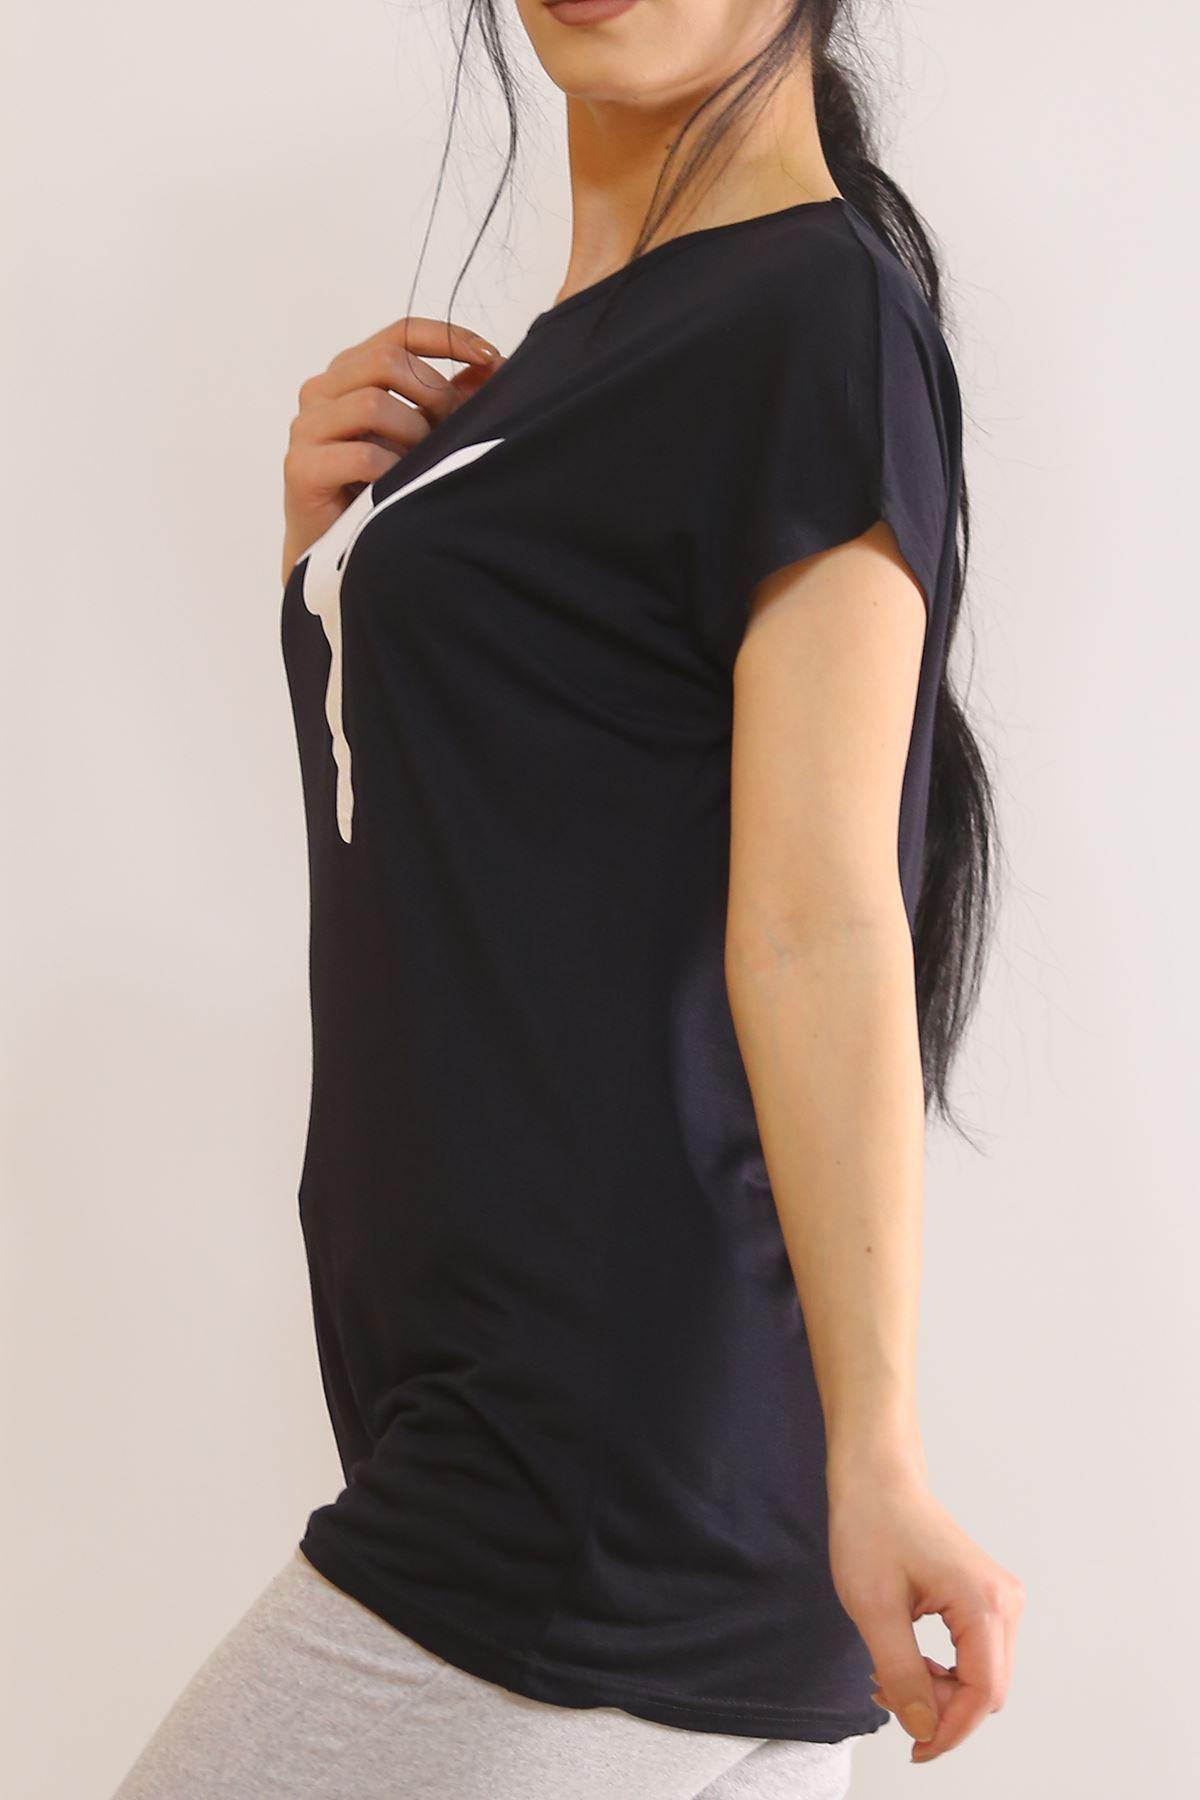 Baskılı Tişört Siyah - 5818.102.